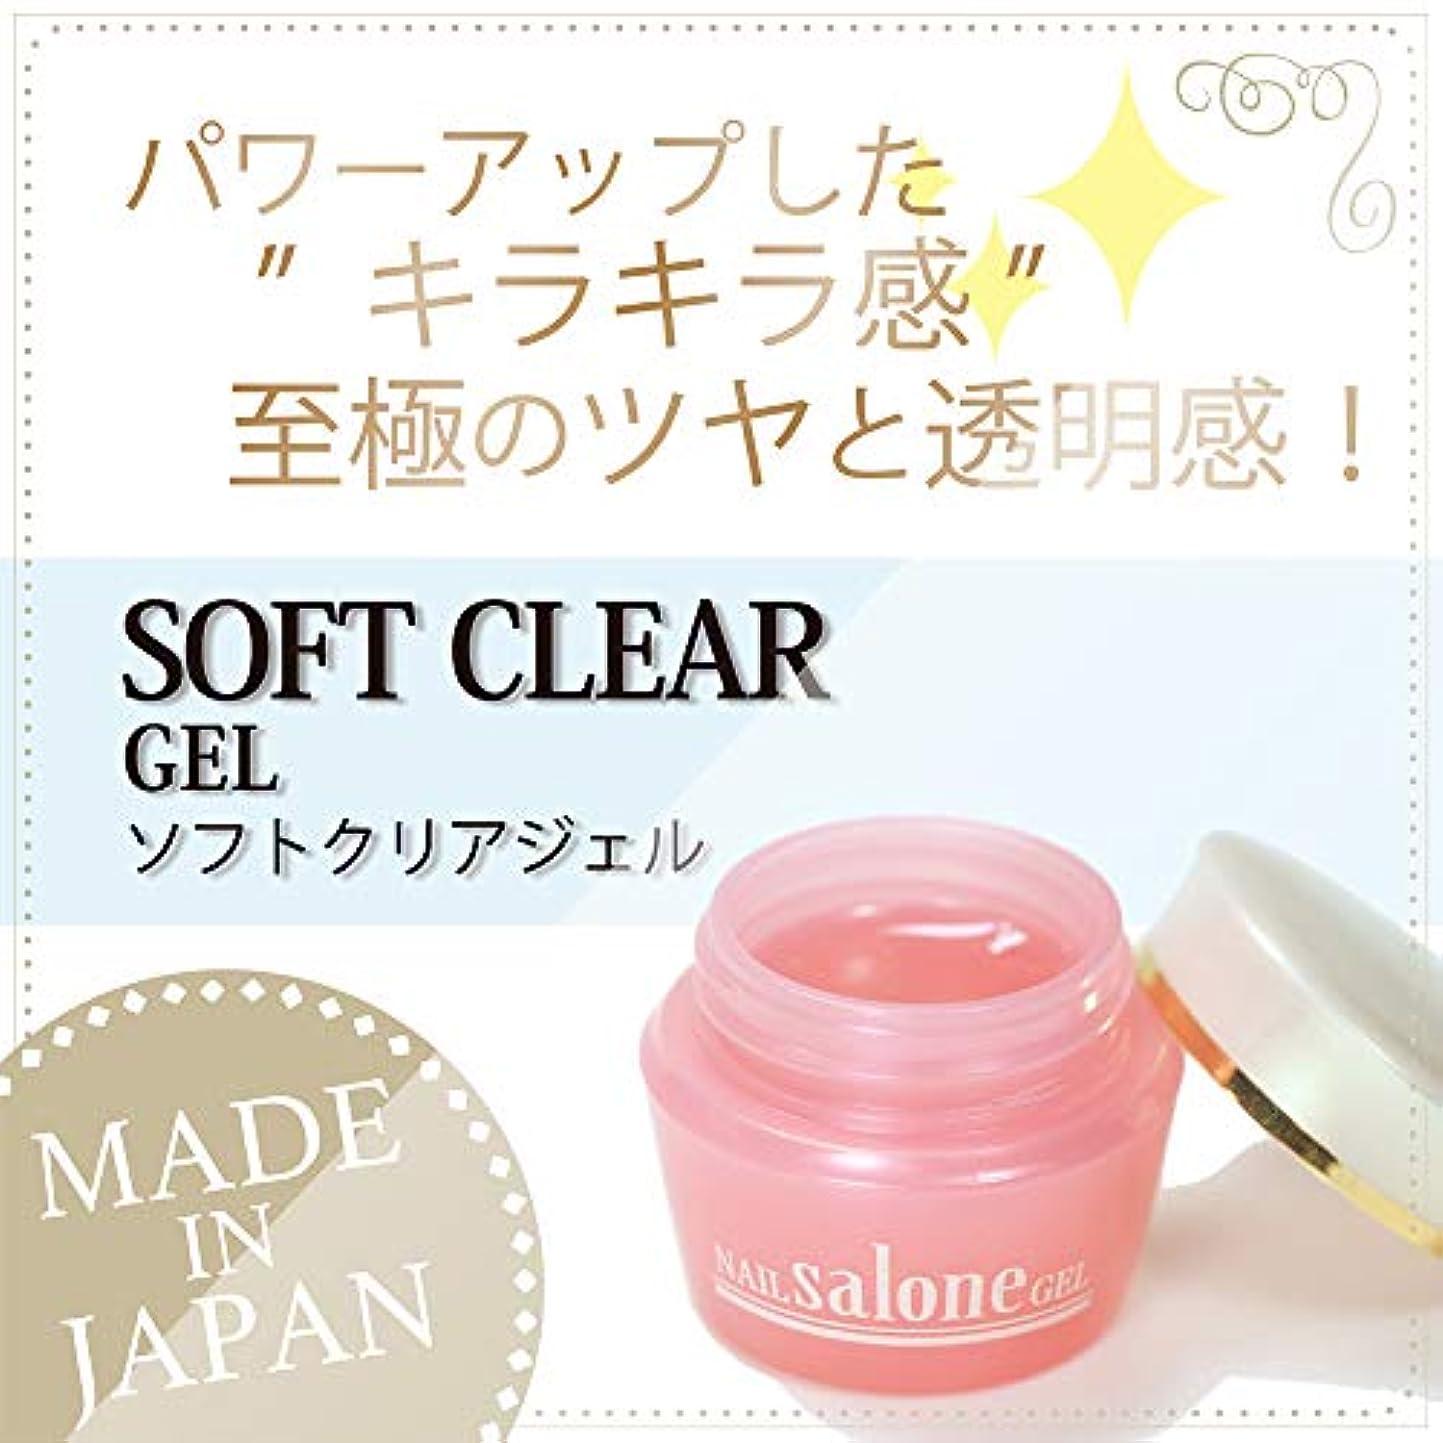 コメントスリム最大化するSalone gel サローネ ソフトクリアージェル ツヤツヤ キラキラ感持続 抜群のツヤ 爪に優しい日本製 3g